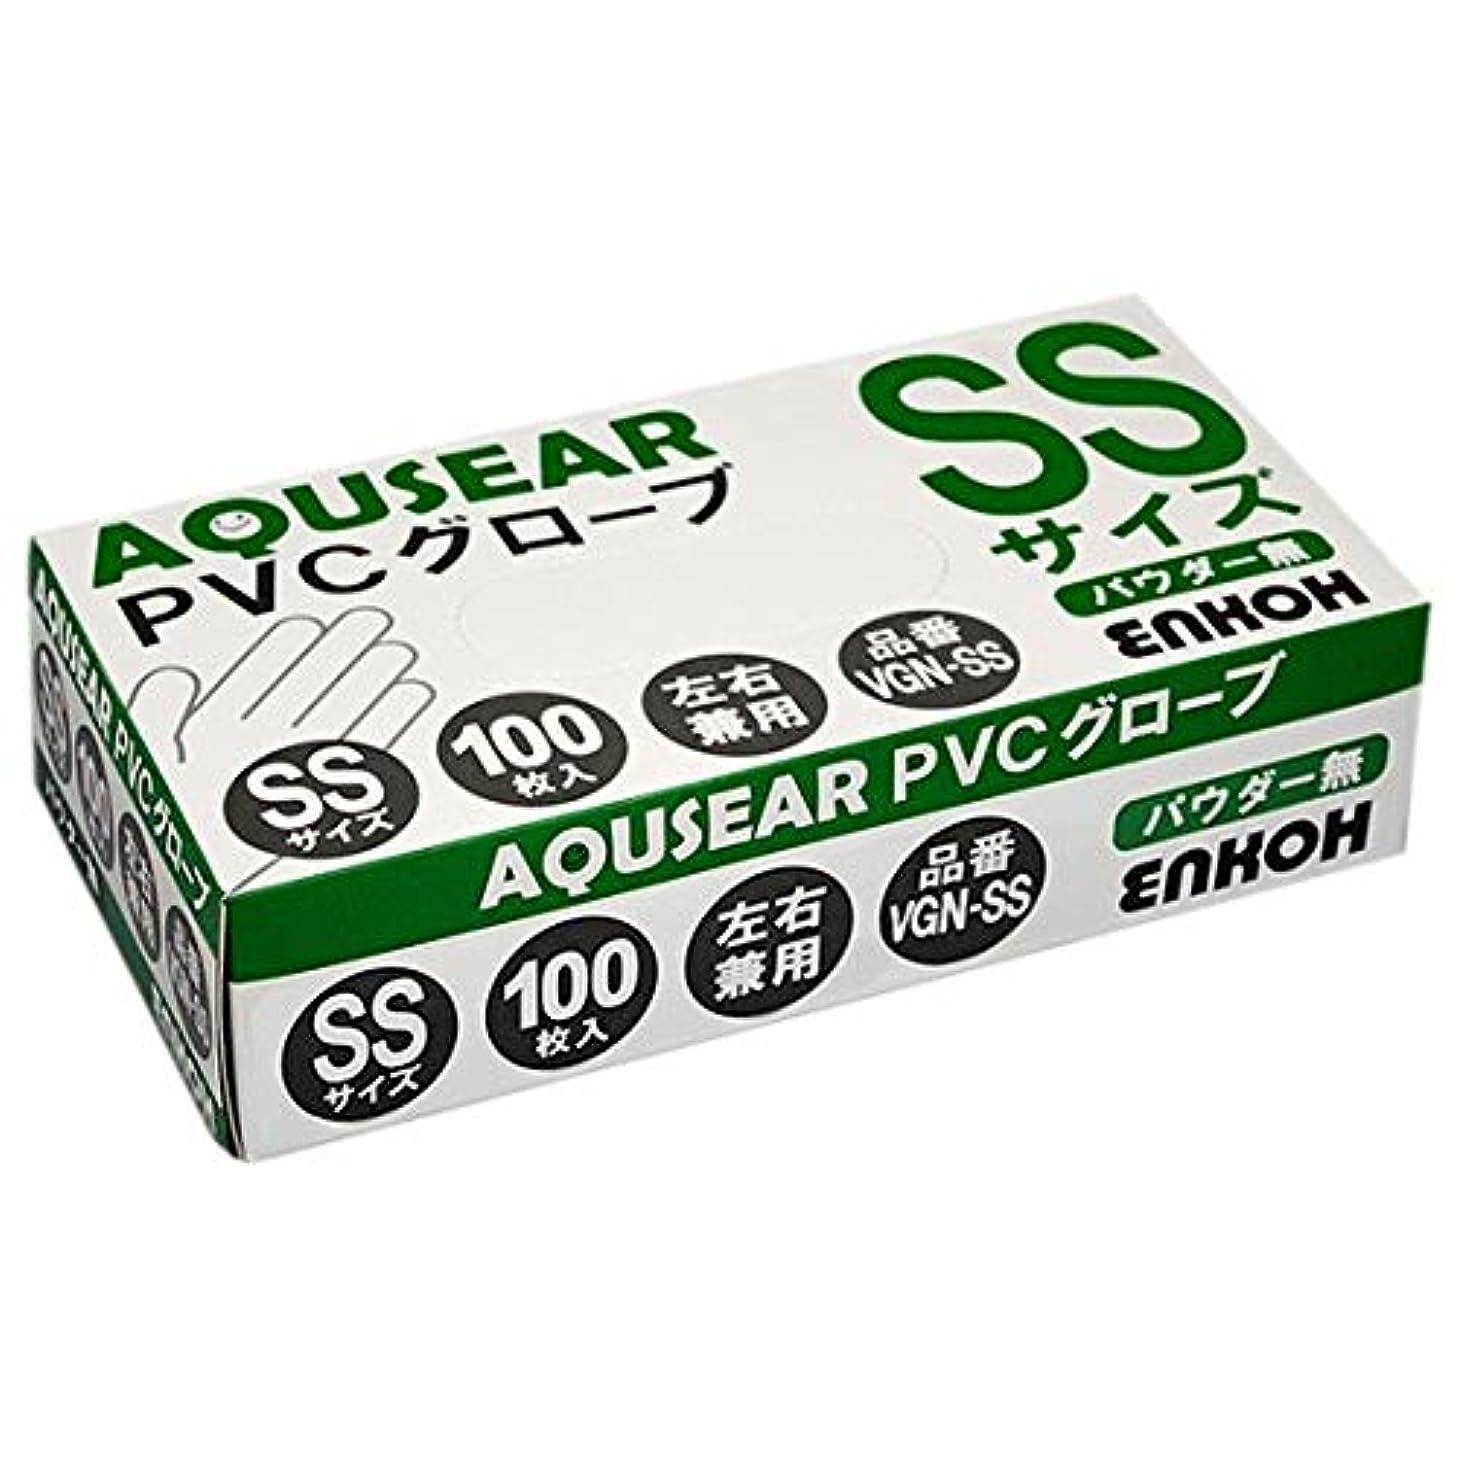 一時解雇する開いた準備したAQUSEAR PVC プラスチックグローブ SSサイズ パウダー無 VGN-SS 100枚×20箱